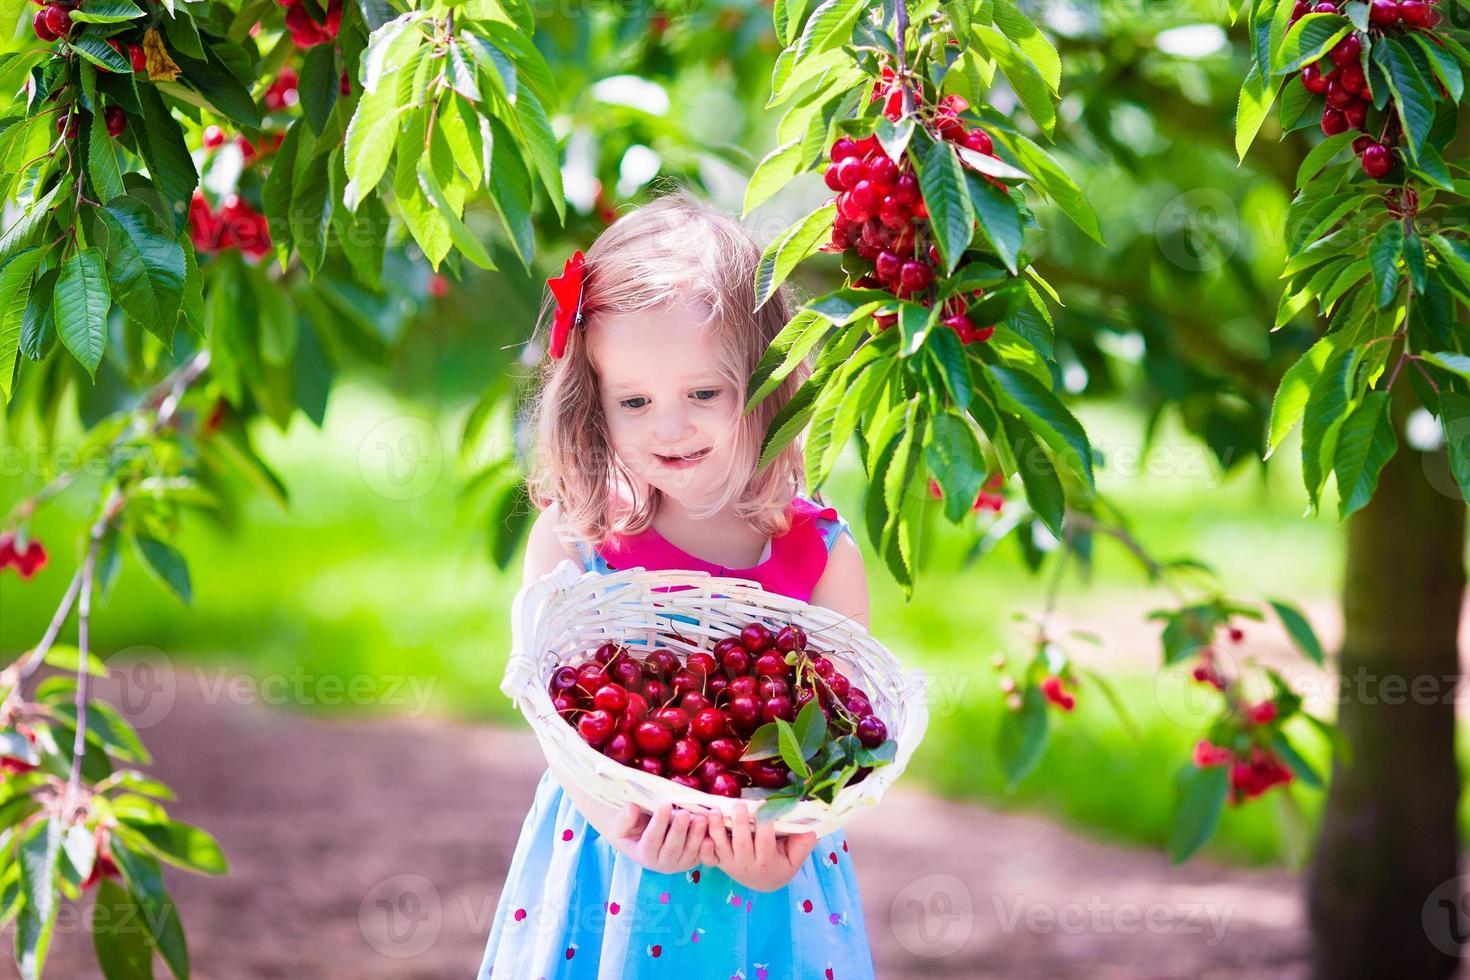 bambina che raccoglie la bacca fresca della ciliegia nel giardino foto